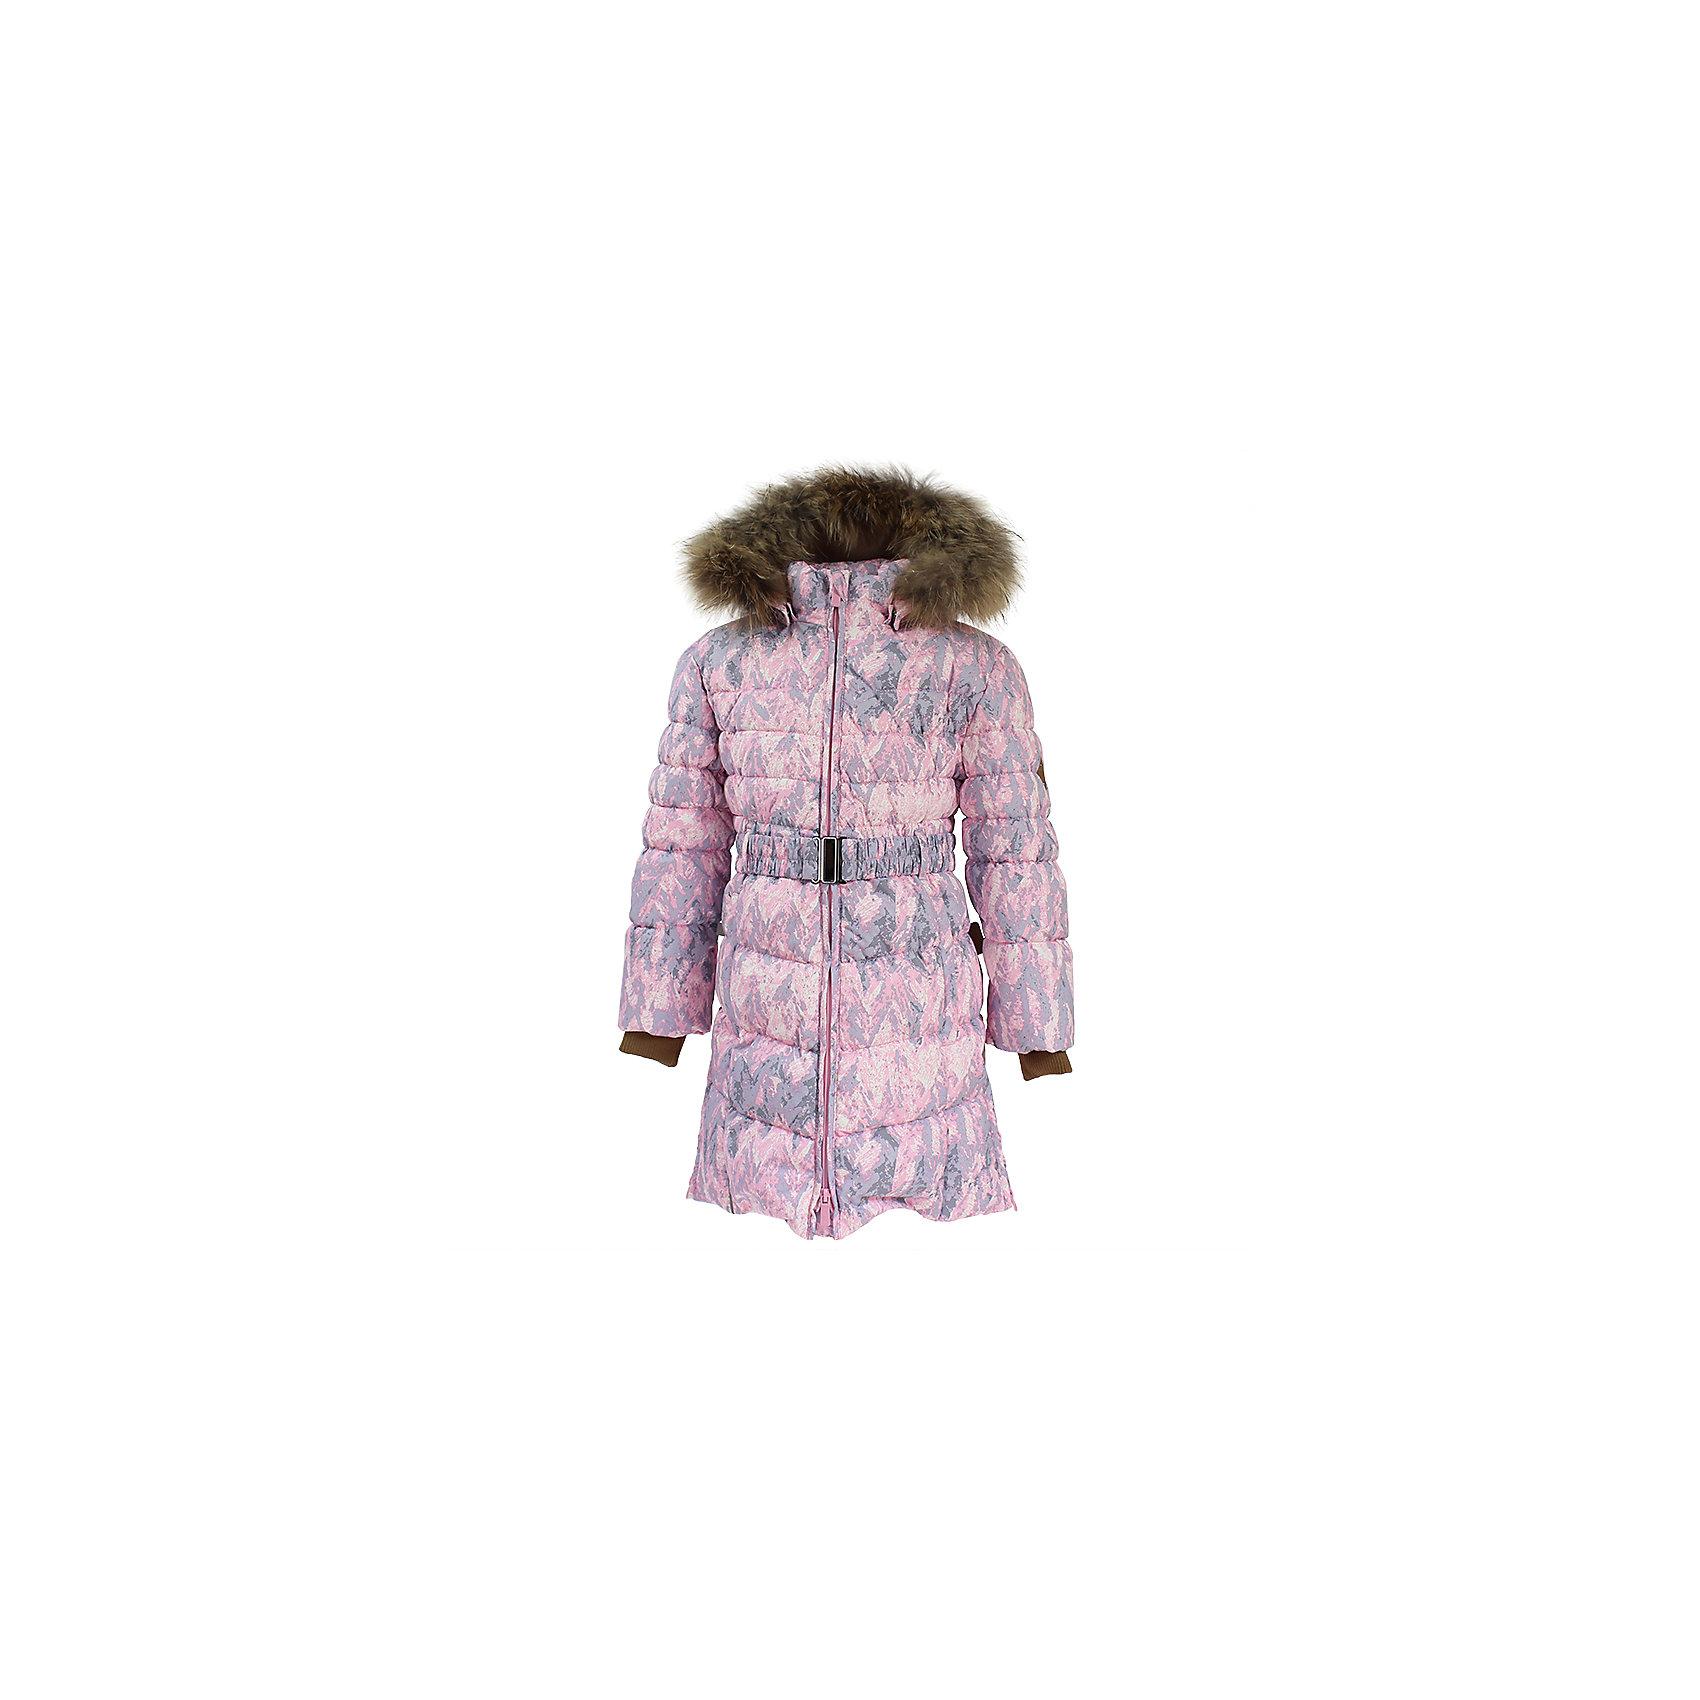 Пальто YASMINE Huppa для девочкиВерхняя одежда<br>Пальто для девочек YASMINE.Водо и воздухонепроницаемость 5 000.Утеплитель 50% пух, 50% перо.Подкладка тафта 100% полиэстер.Карманы на молнии.Двухсторонняя молния.Съемный капюшон с отстегивающимся мехом.Внутренний манжет рукава. Имеются светоотажательные элементы.<br>Состав:<br>100% Полиэстер<br><br>Ширина мм: 356<br>Глубина мм: 10<br>Высота мм: 245<br>Вес г: 519<br>Цвет: розовый<br>Возраст от месяцев: 168<br>Возраст до месяцев: 180<br>Пол: Женский<br>Возраст: Детский<br>Размер: 170,104,110,116,122,128,134,140,146,152,158,164<br>SKU: 7025304